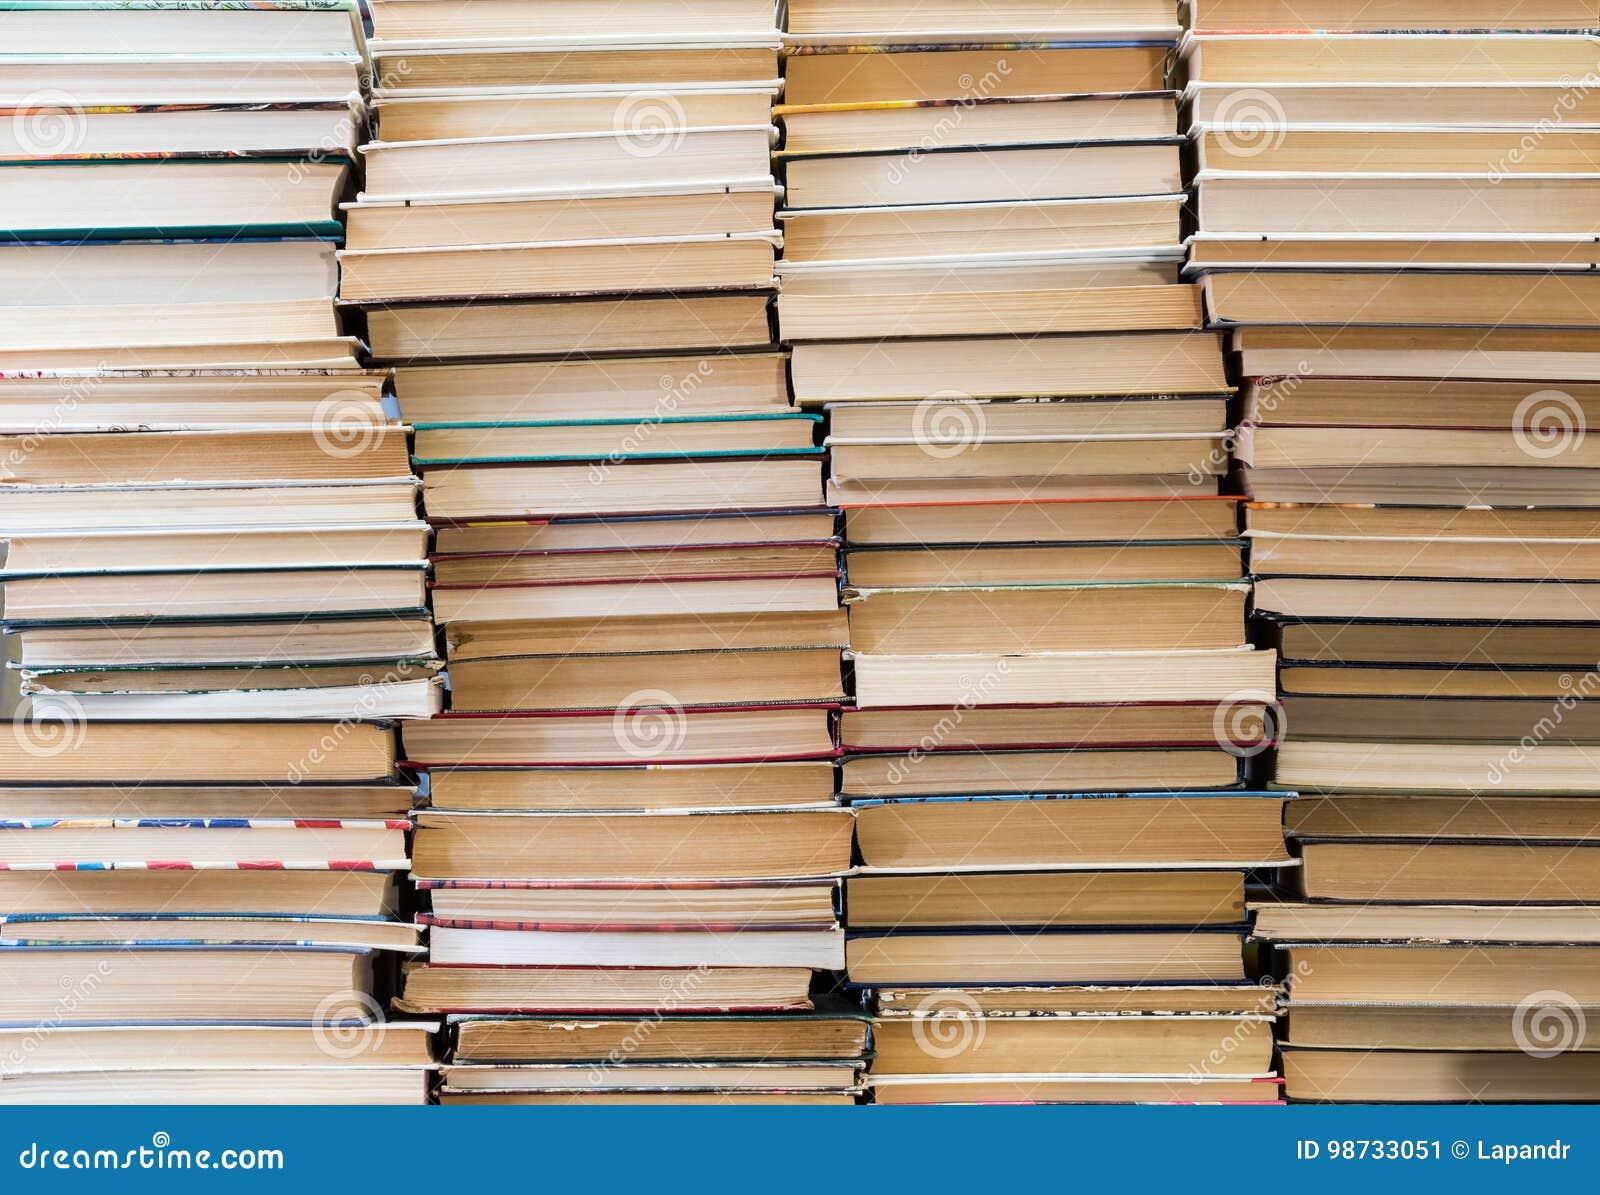 Sterta książki z kolorowymi pokrywami Bookstore lub biblioteka Książki lub podręczniki Edukacja i czytanie